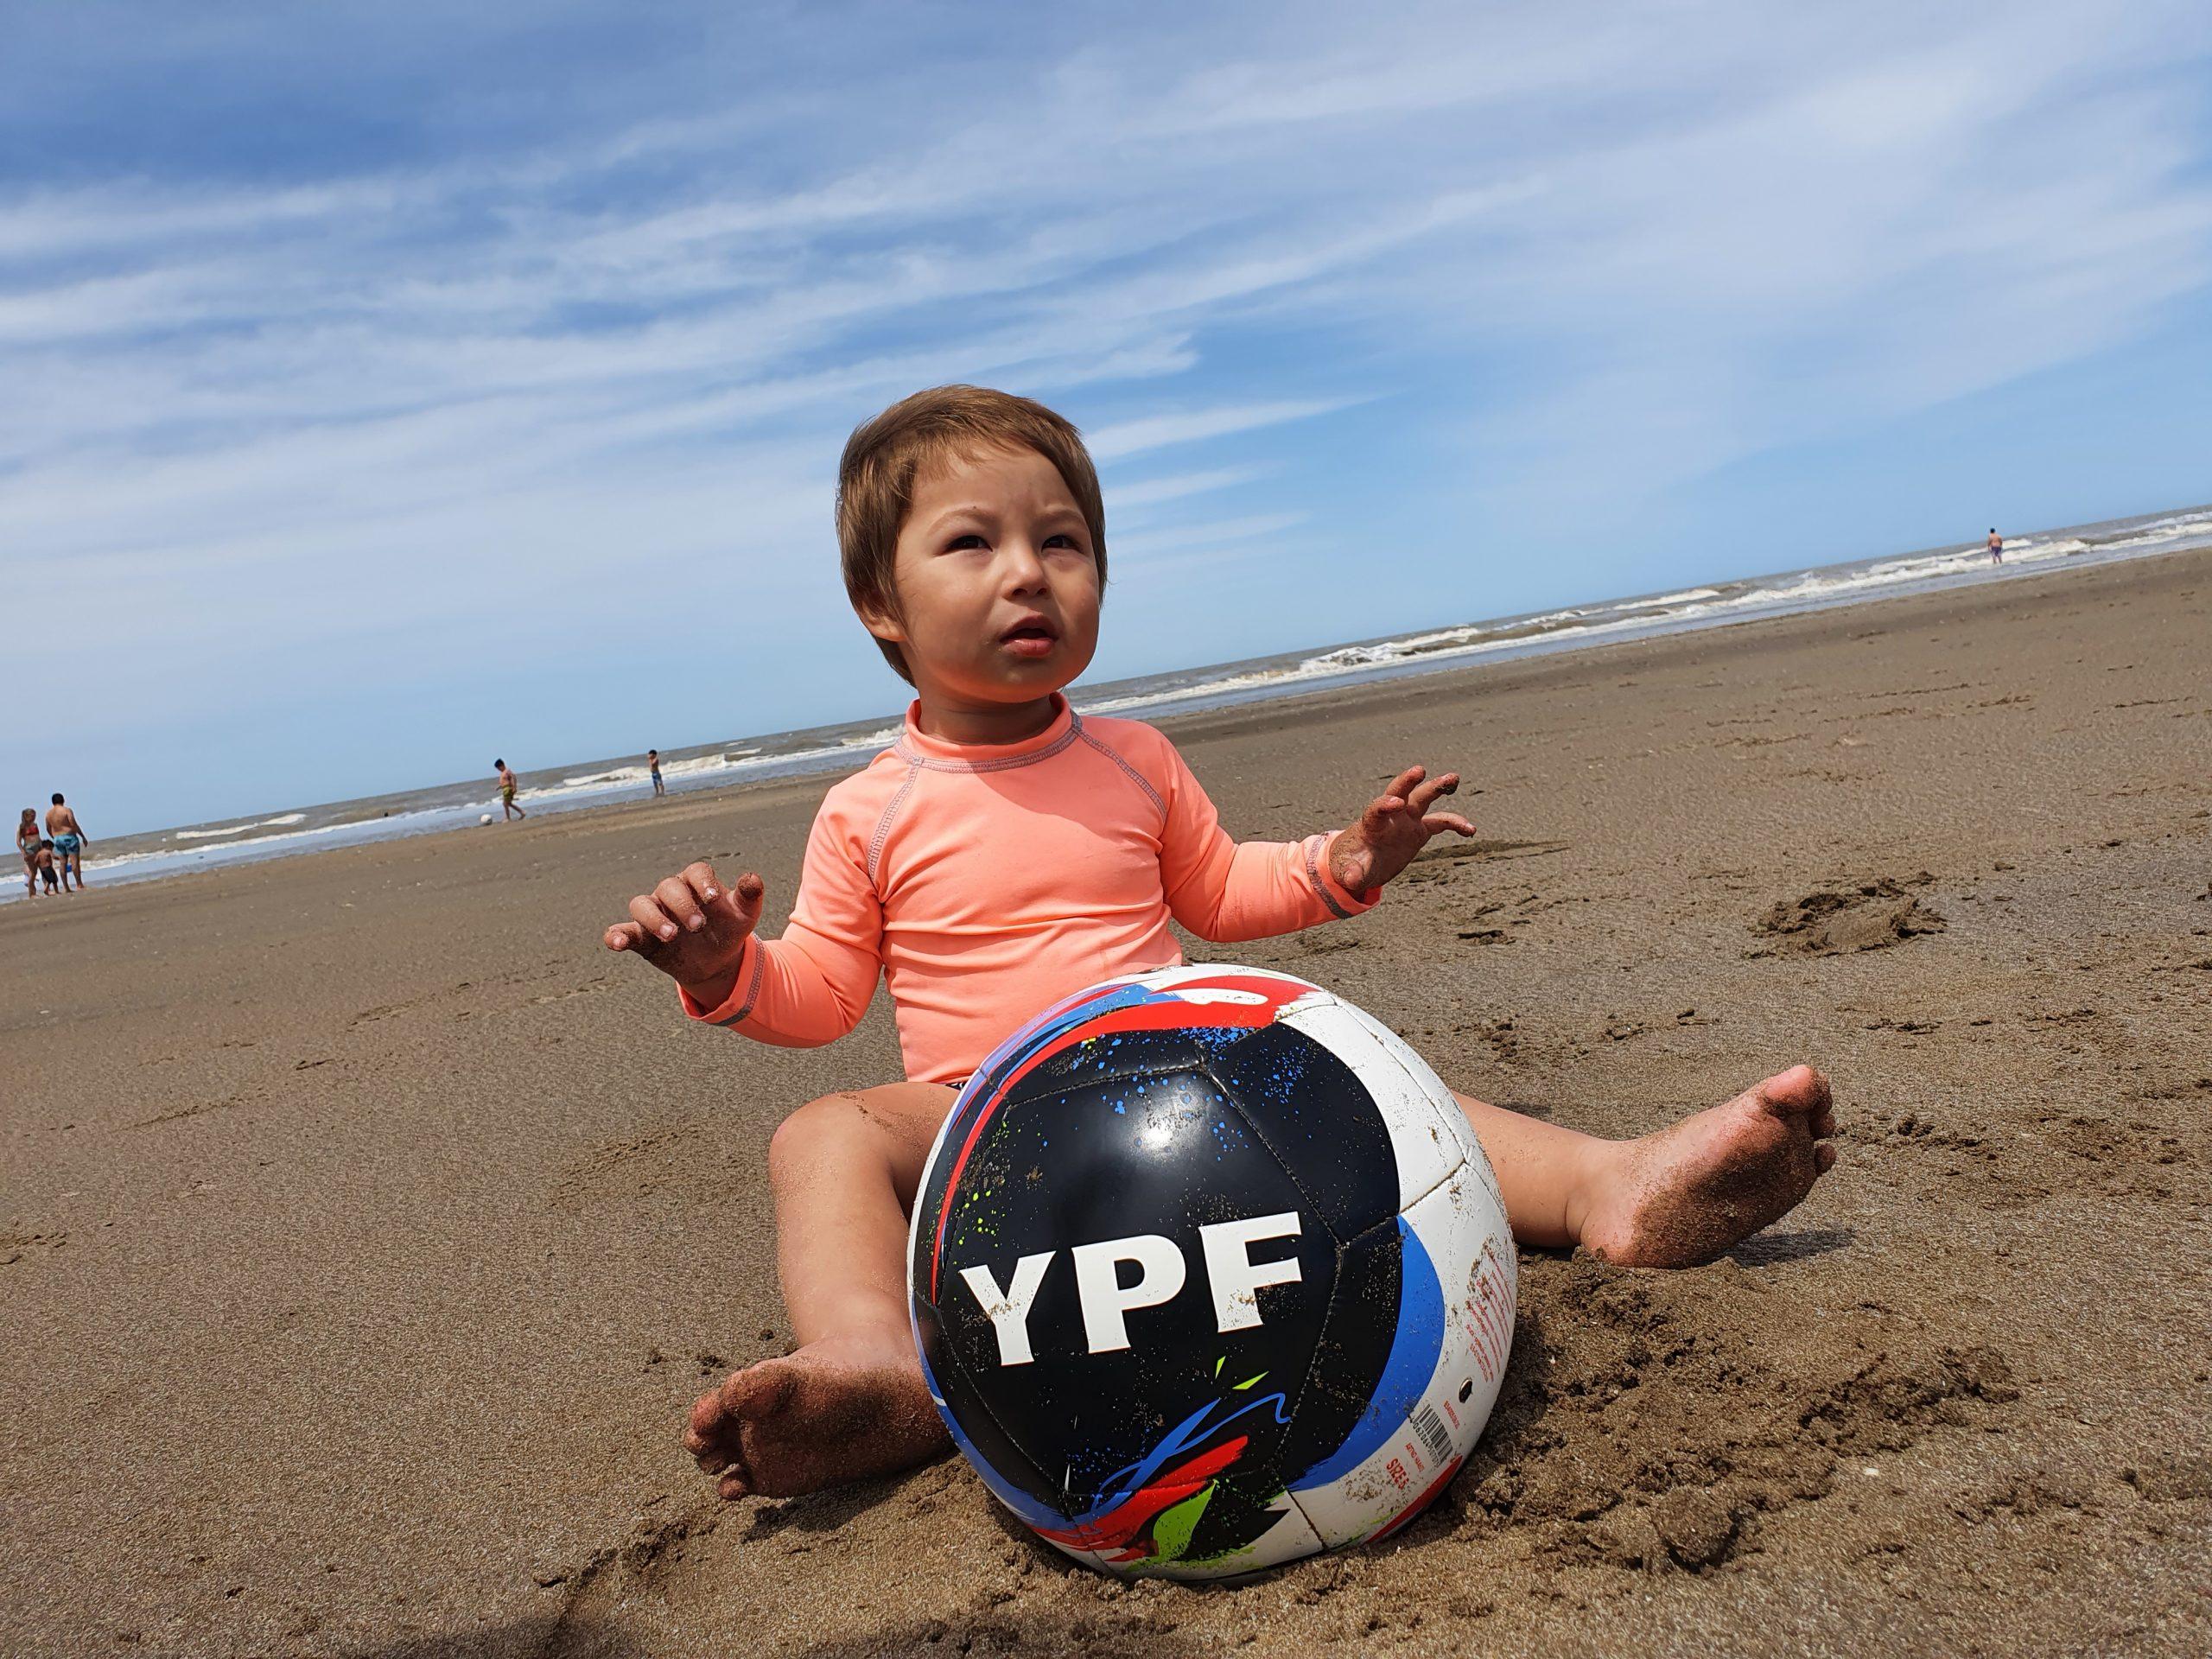 ¡A disfrutar el verano con la pelota YPF!